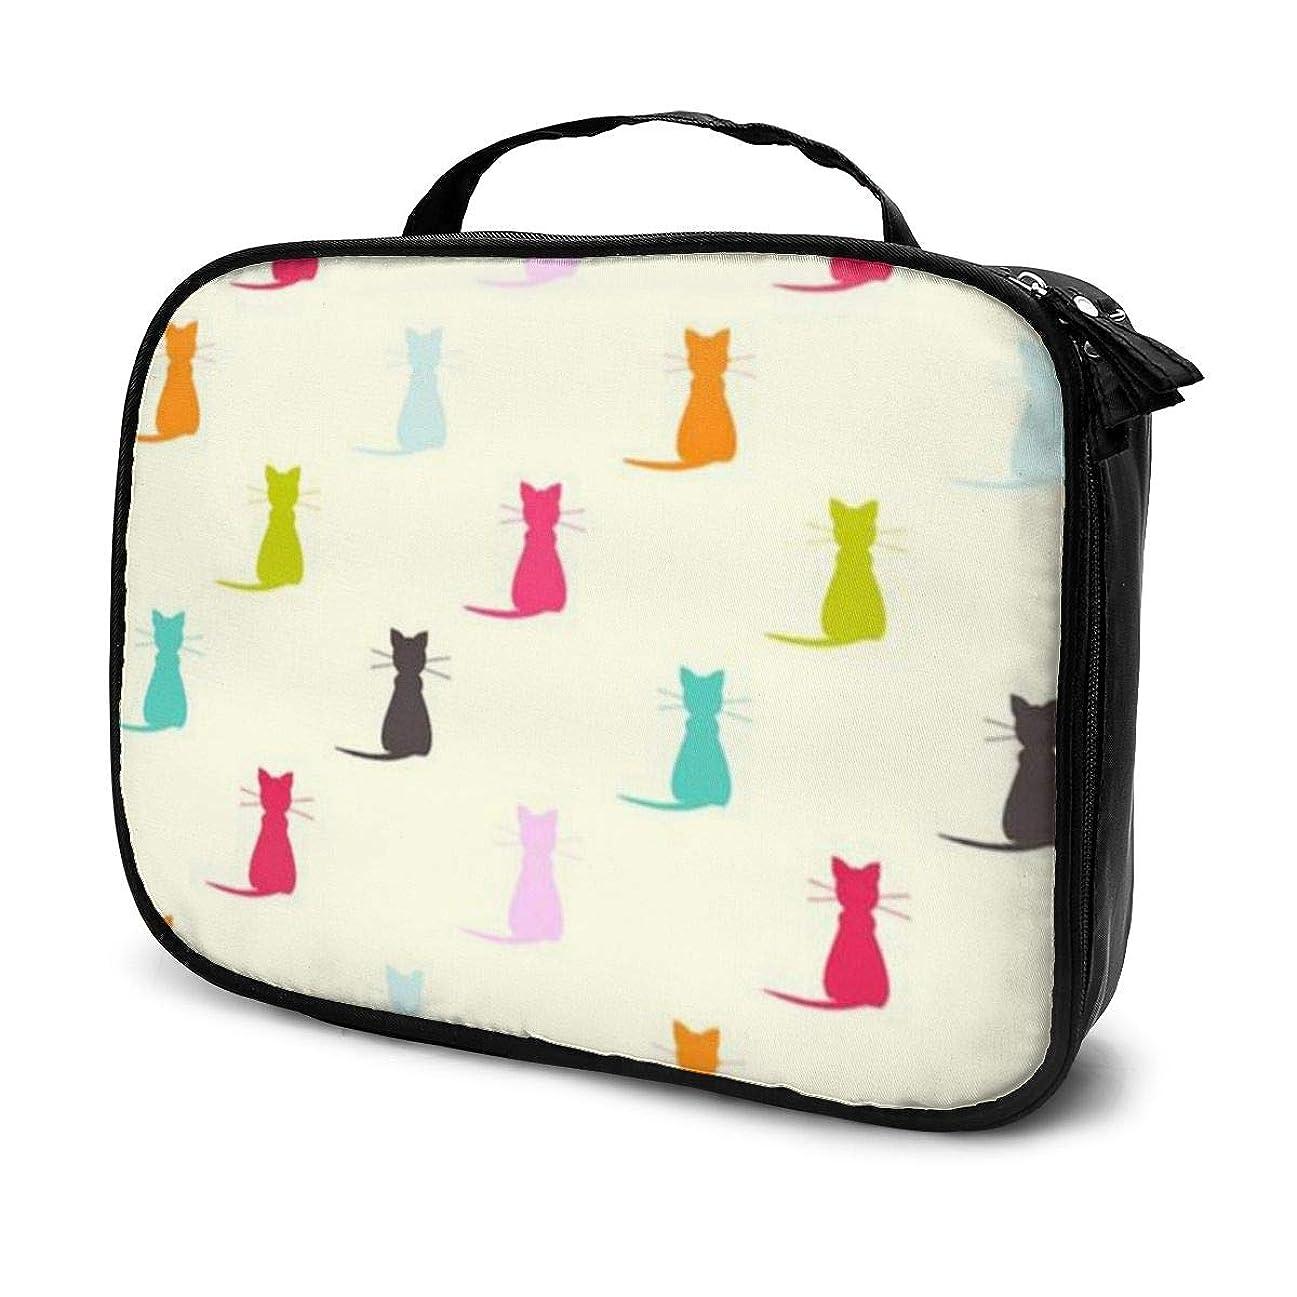 好ましいを通してオリエンテーションDaituカラフルな猫 化粧品袋の女性旅行バッグ収納大容量防水アクセサリー旅行